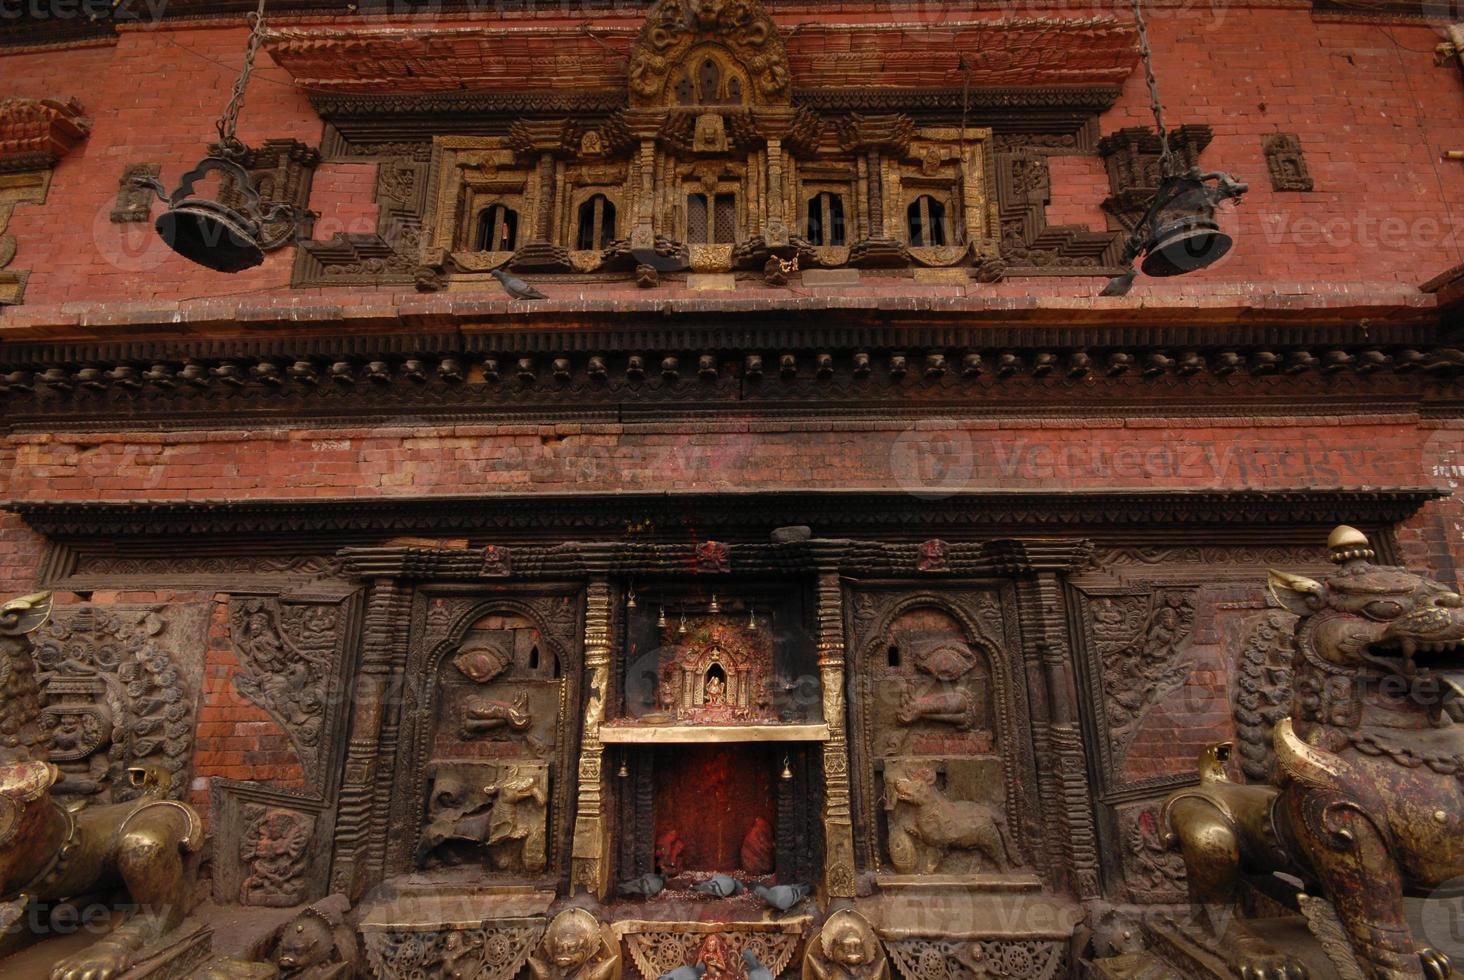 bronzen godin aan de muur in de hindoe-tempel. foto